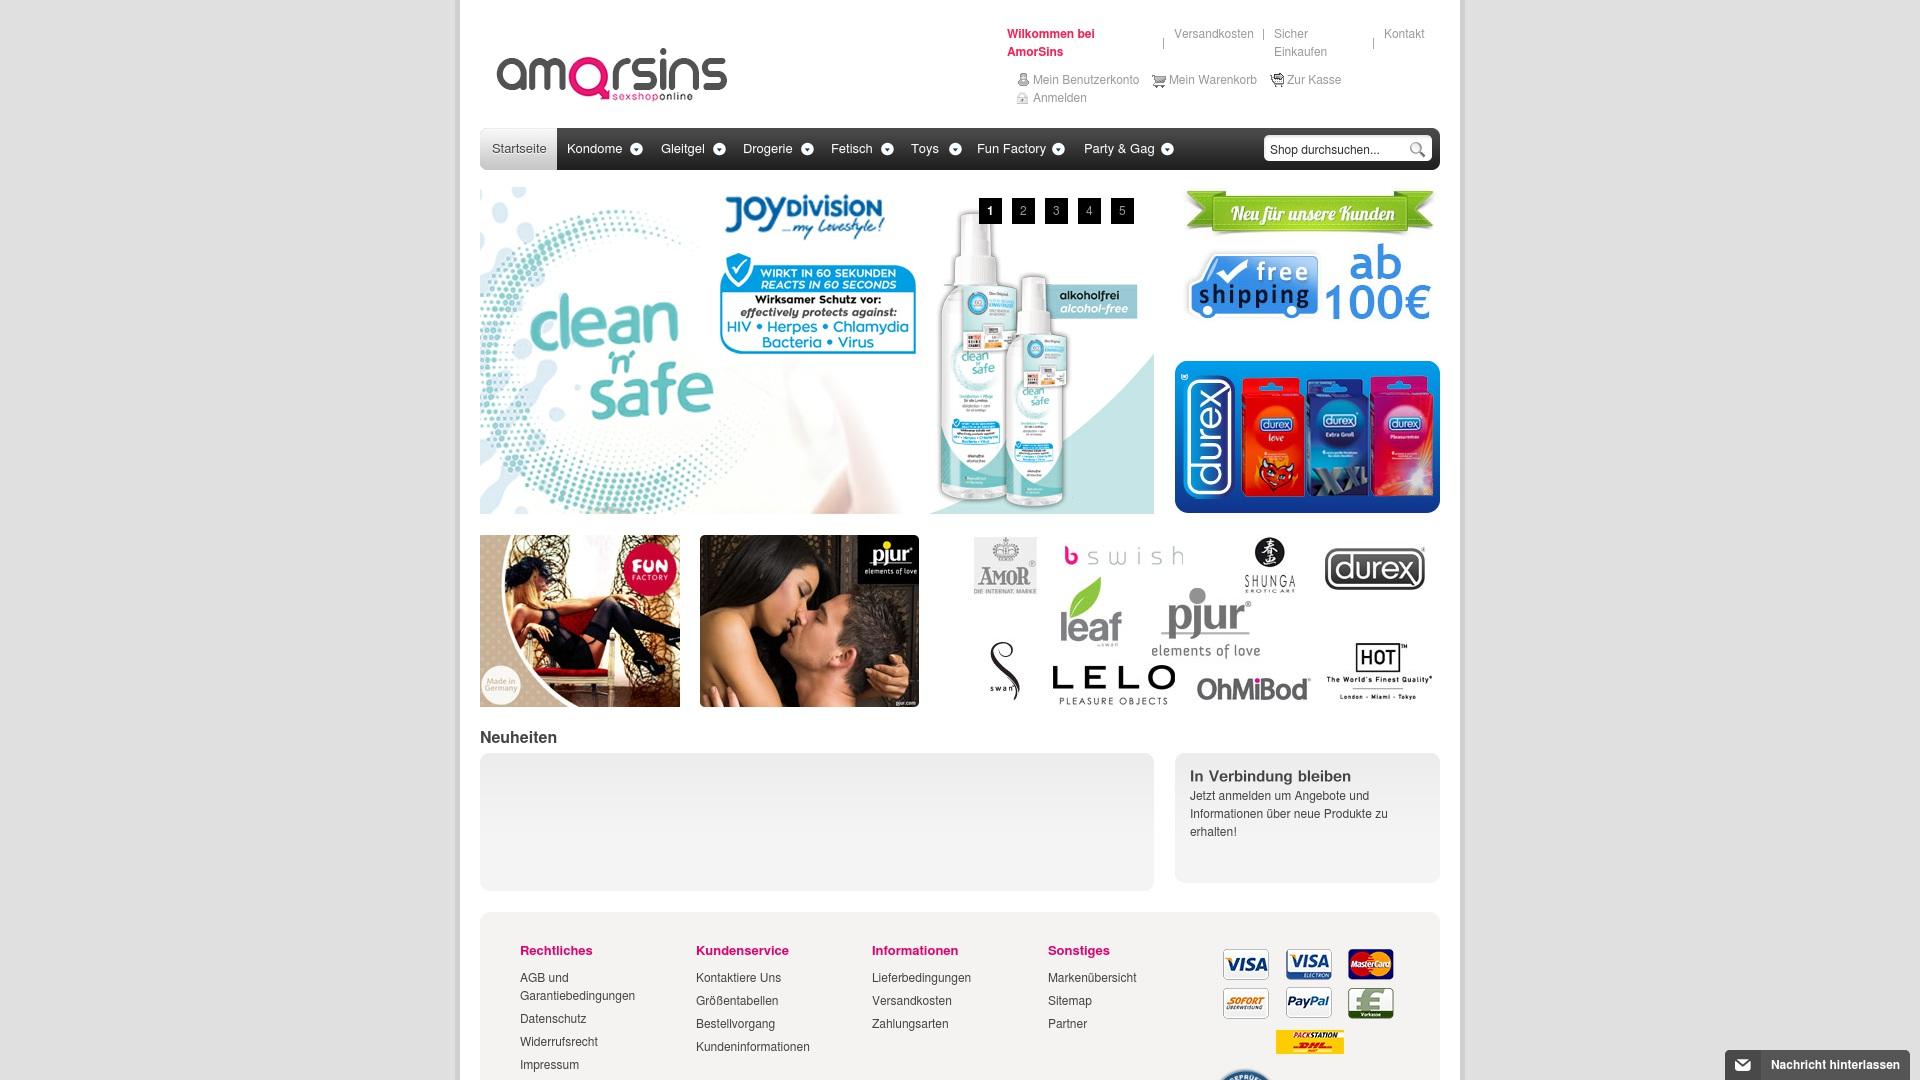 Gutschein für Amorsins: Rabatte für  Amorsins sichern